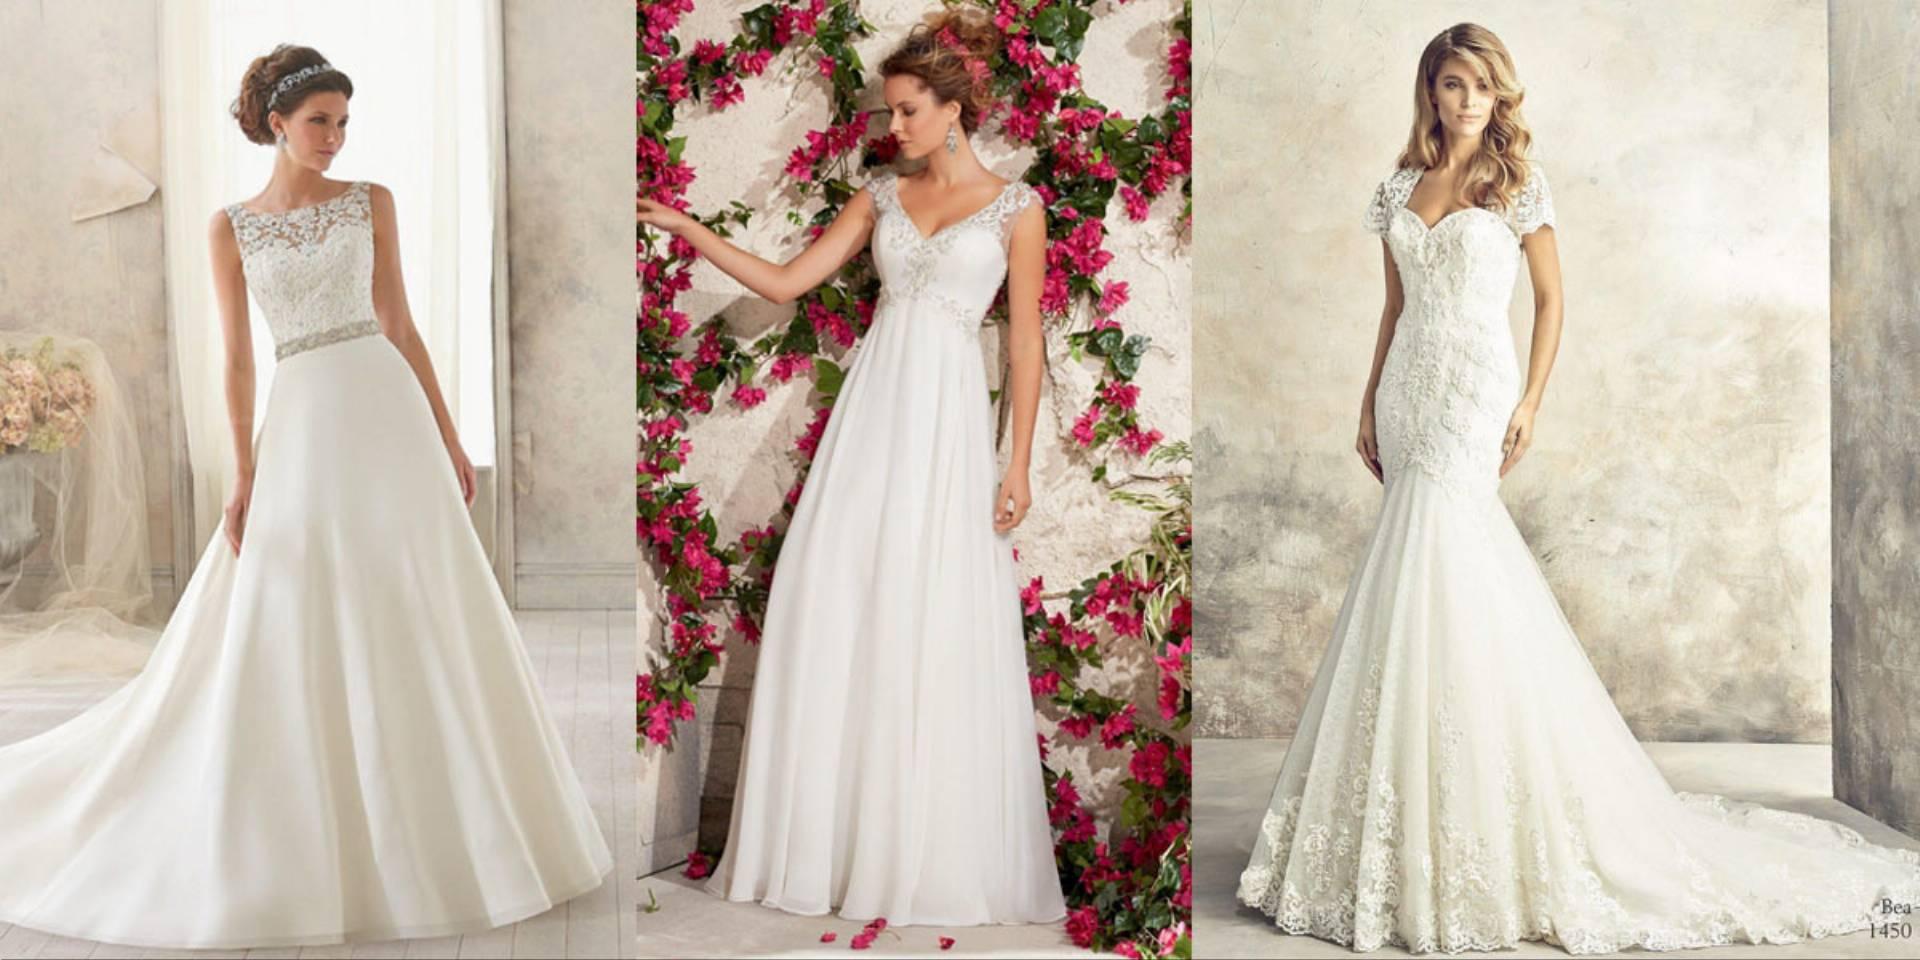 4148a690a2 Idealna suknia ślubna do Twojej sylwetki - KobietaMag.pl